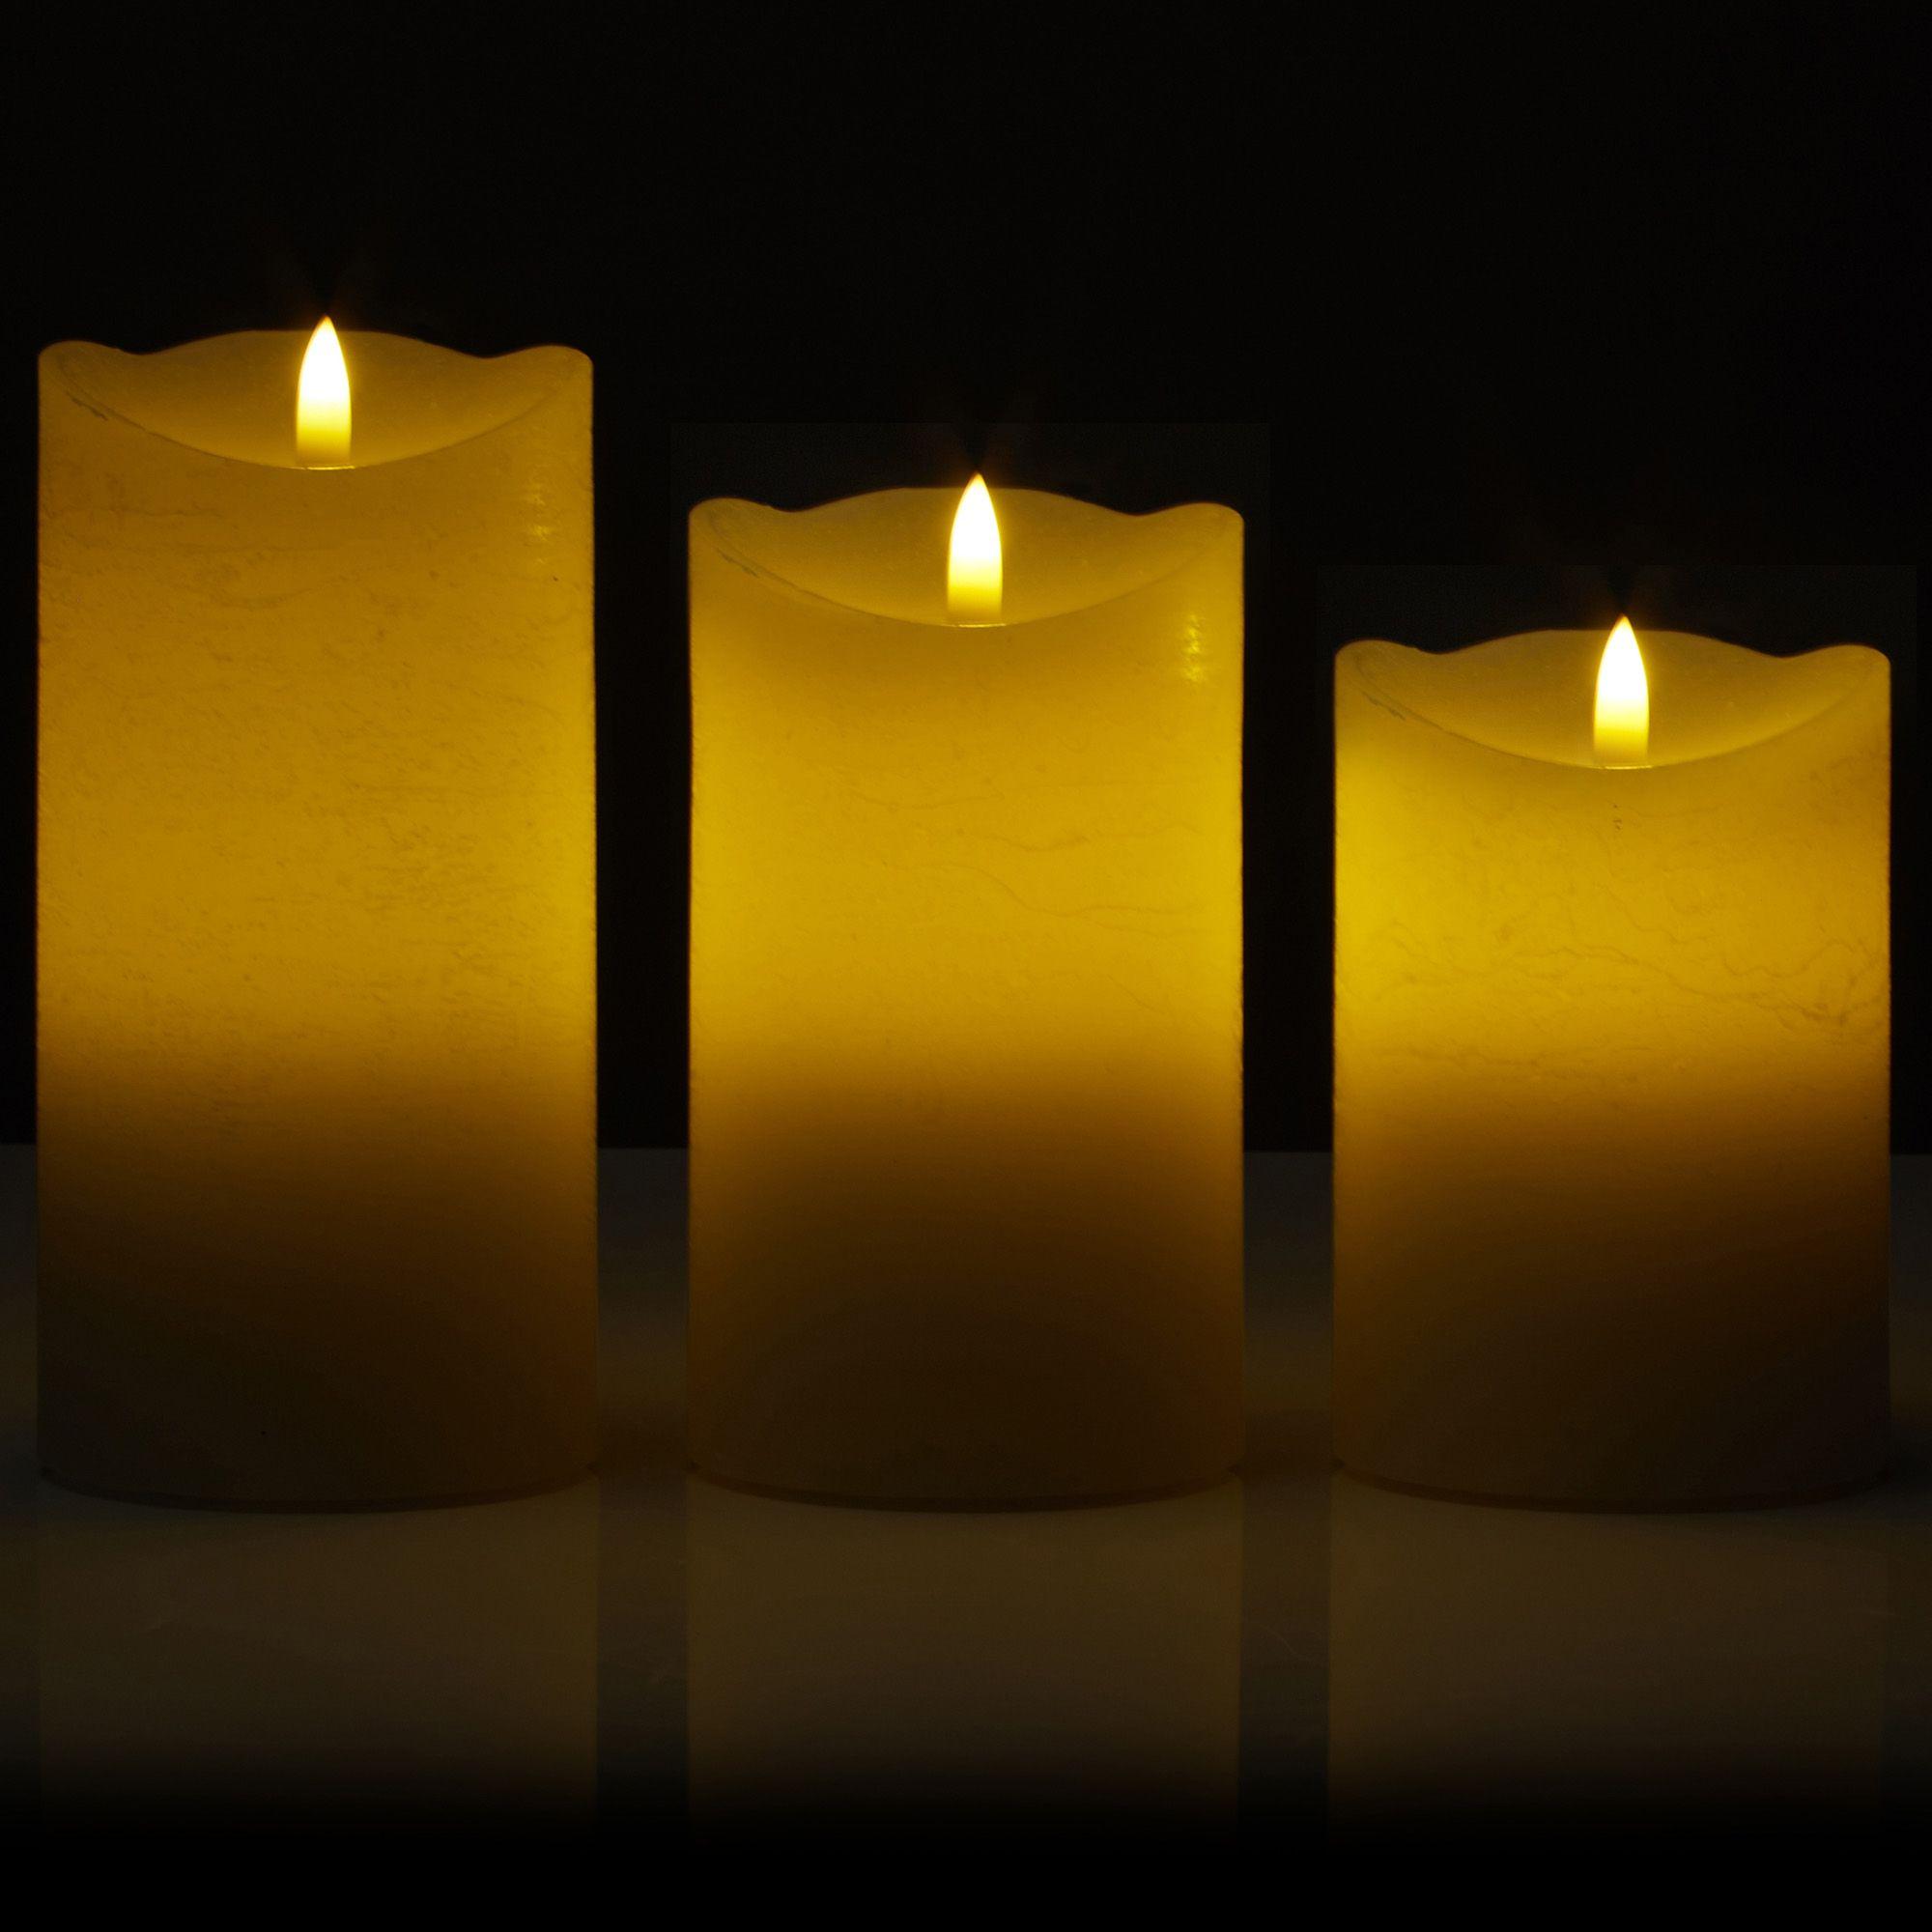 776620 Schöne Kerze Leuchtet In Verschiedenen Farben Dekorationen